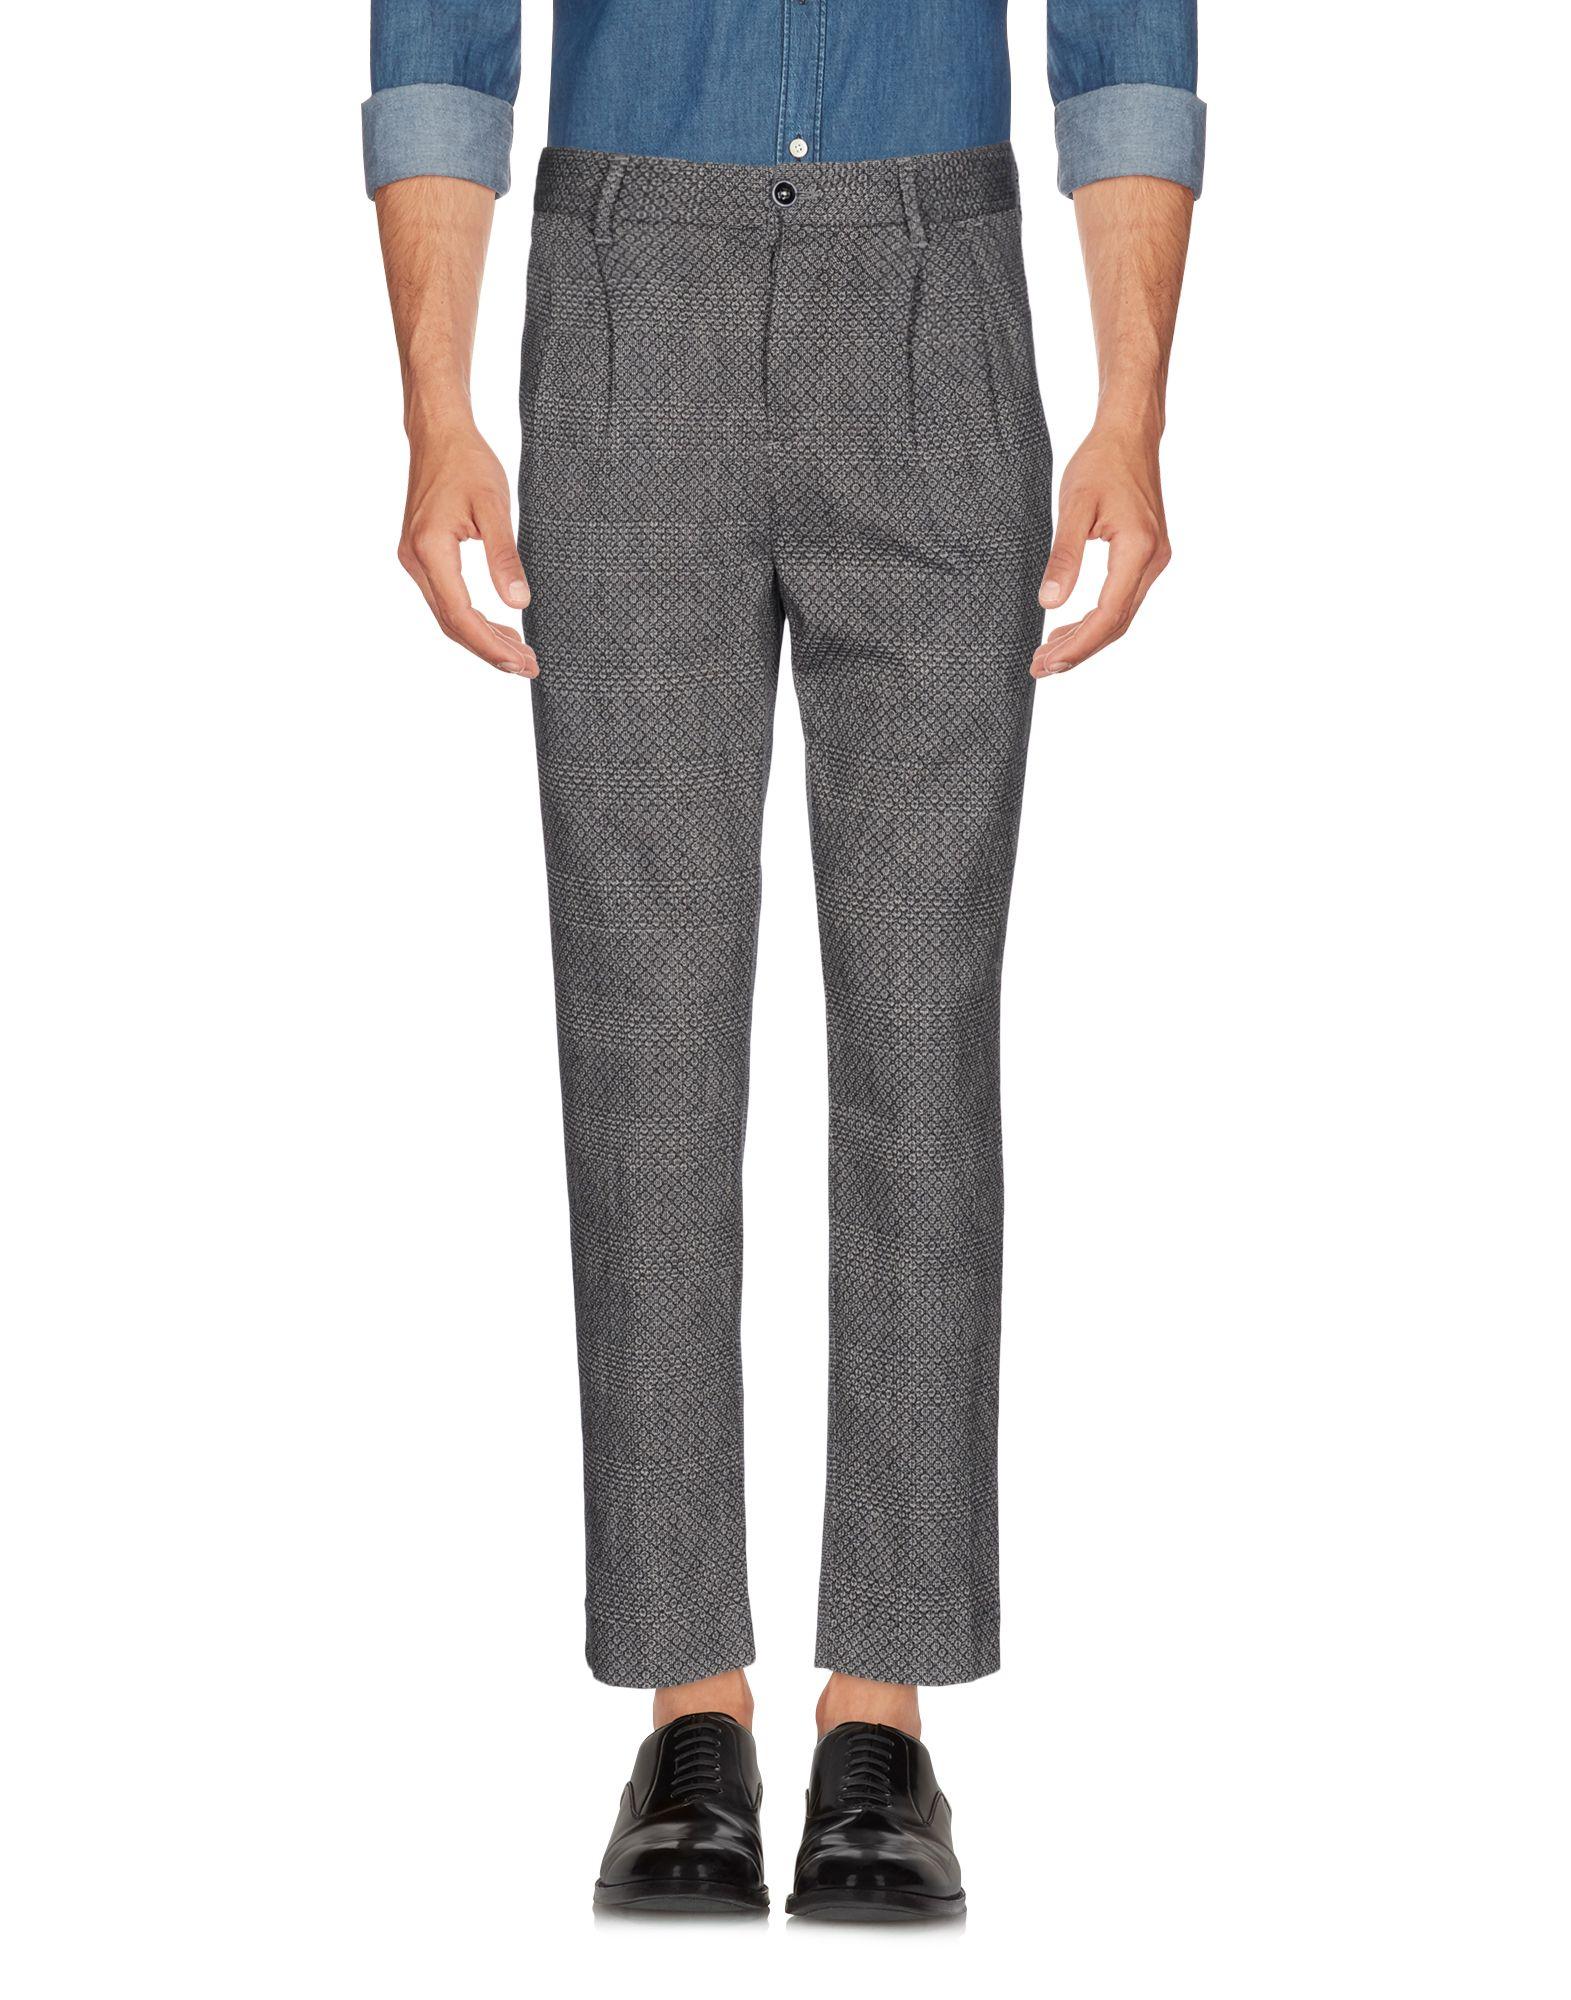 Pantalone One Seven Two Uomo - Acquista online su